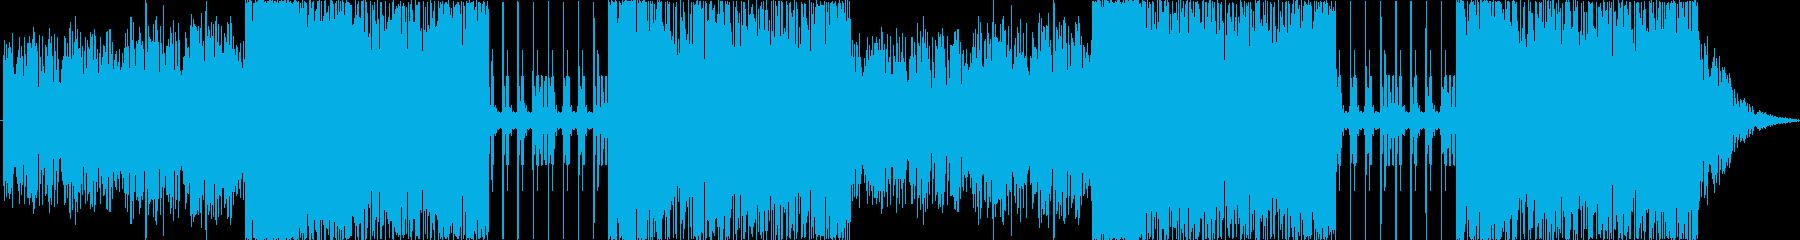 シンセを使用した非日常っぽい雰囲気の曲…の再生済みの波形